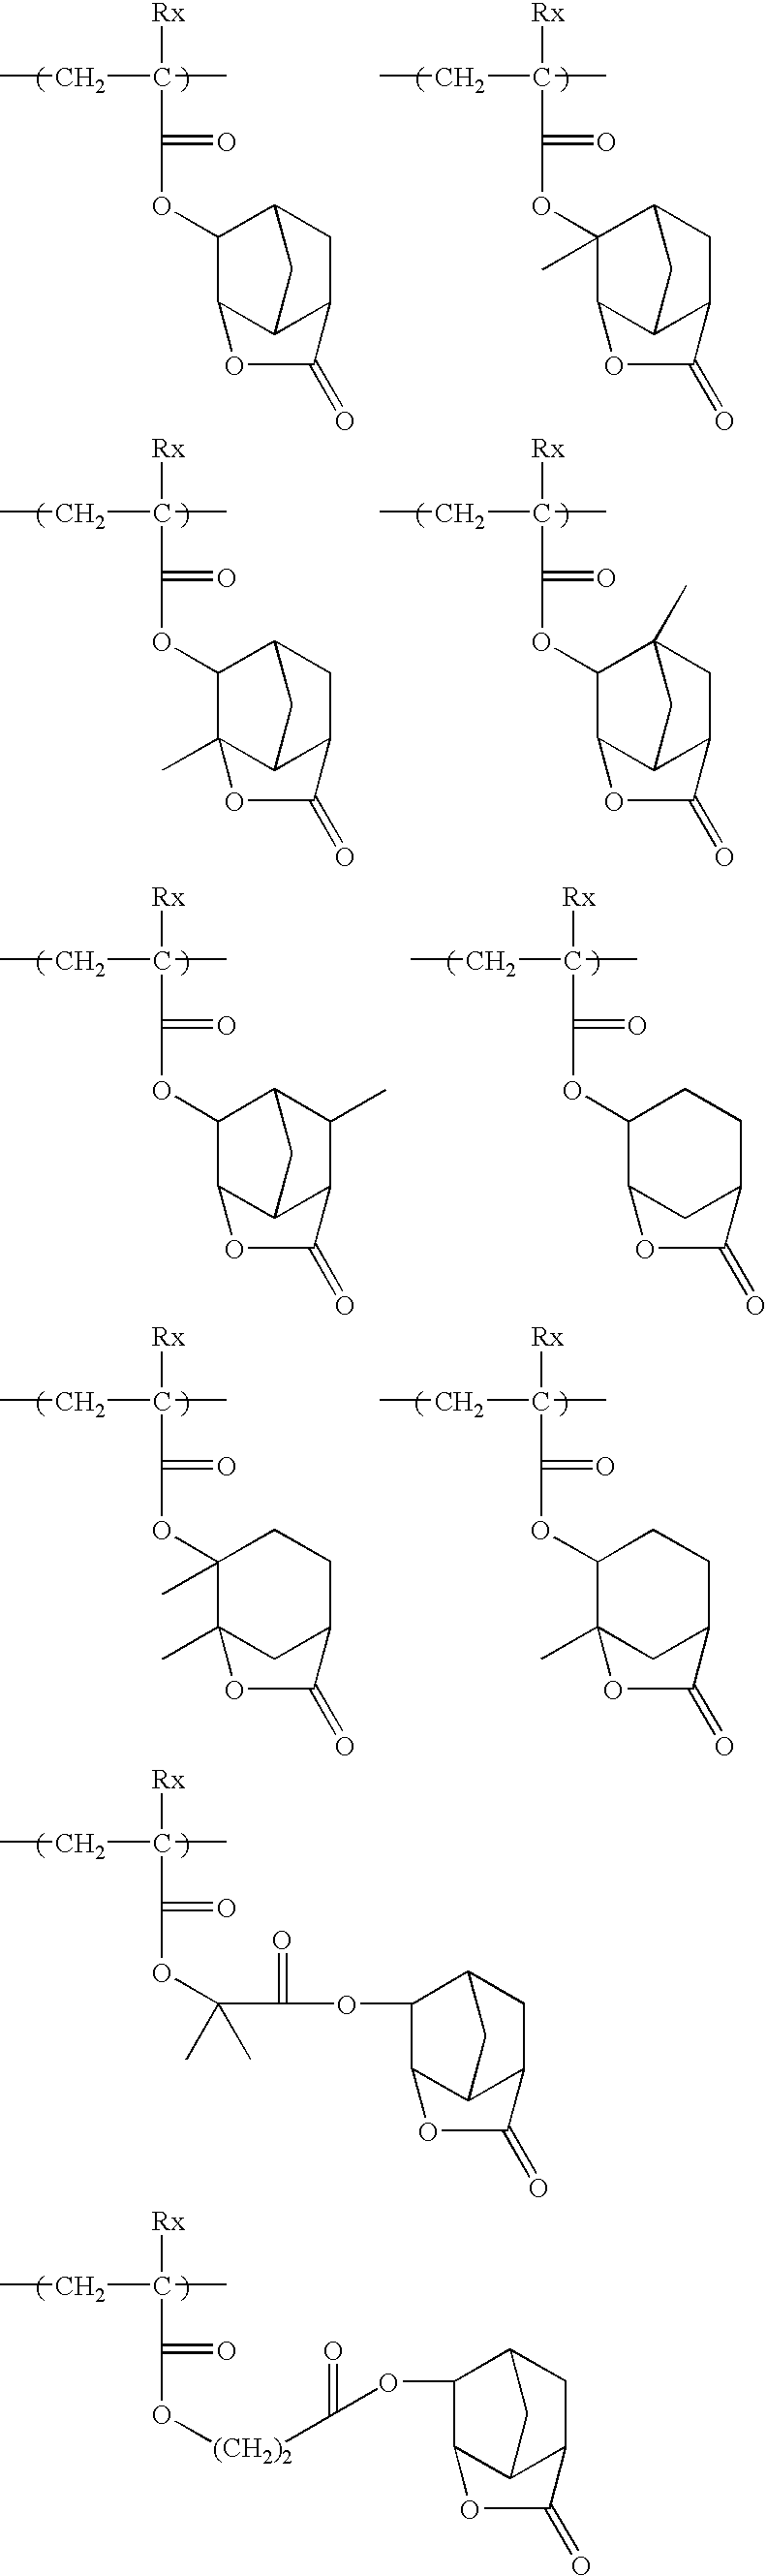 Figure US07998655-20110816-C00020